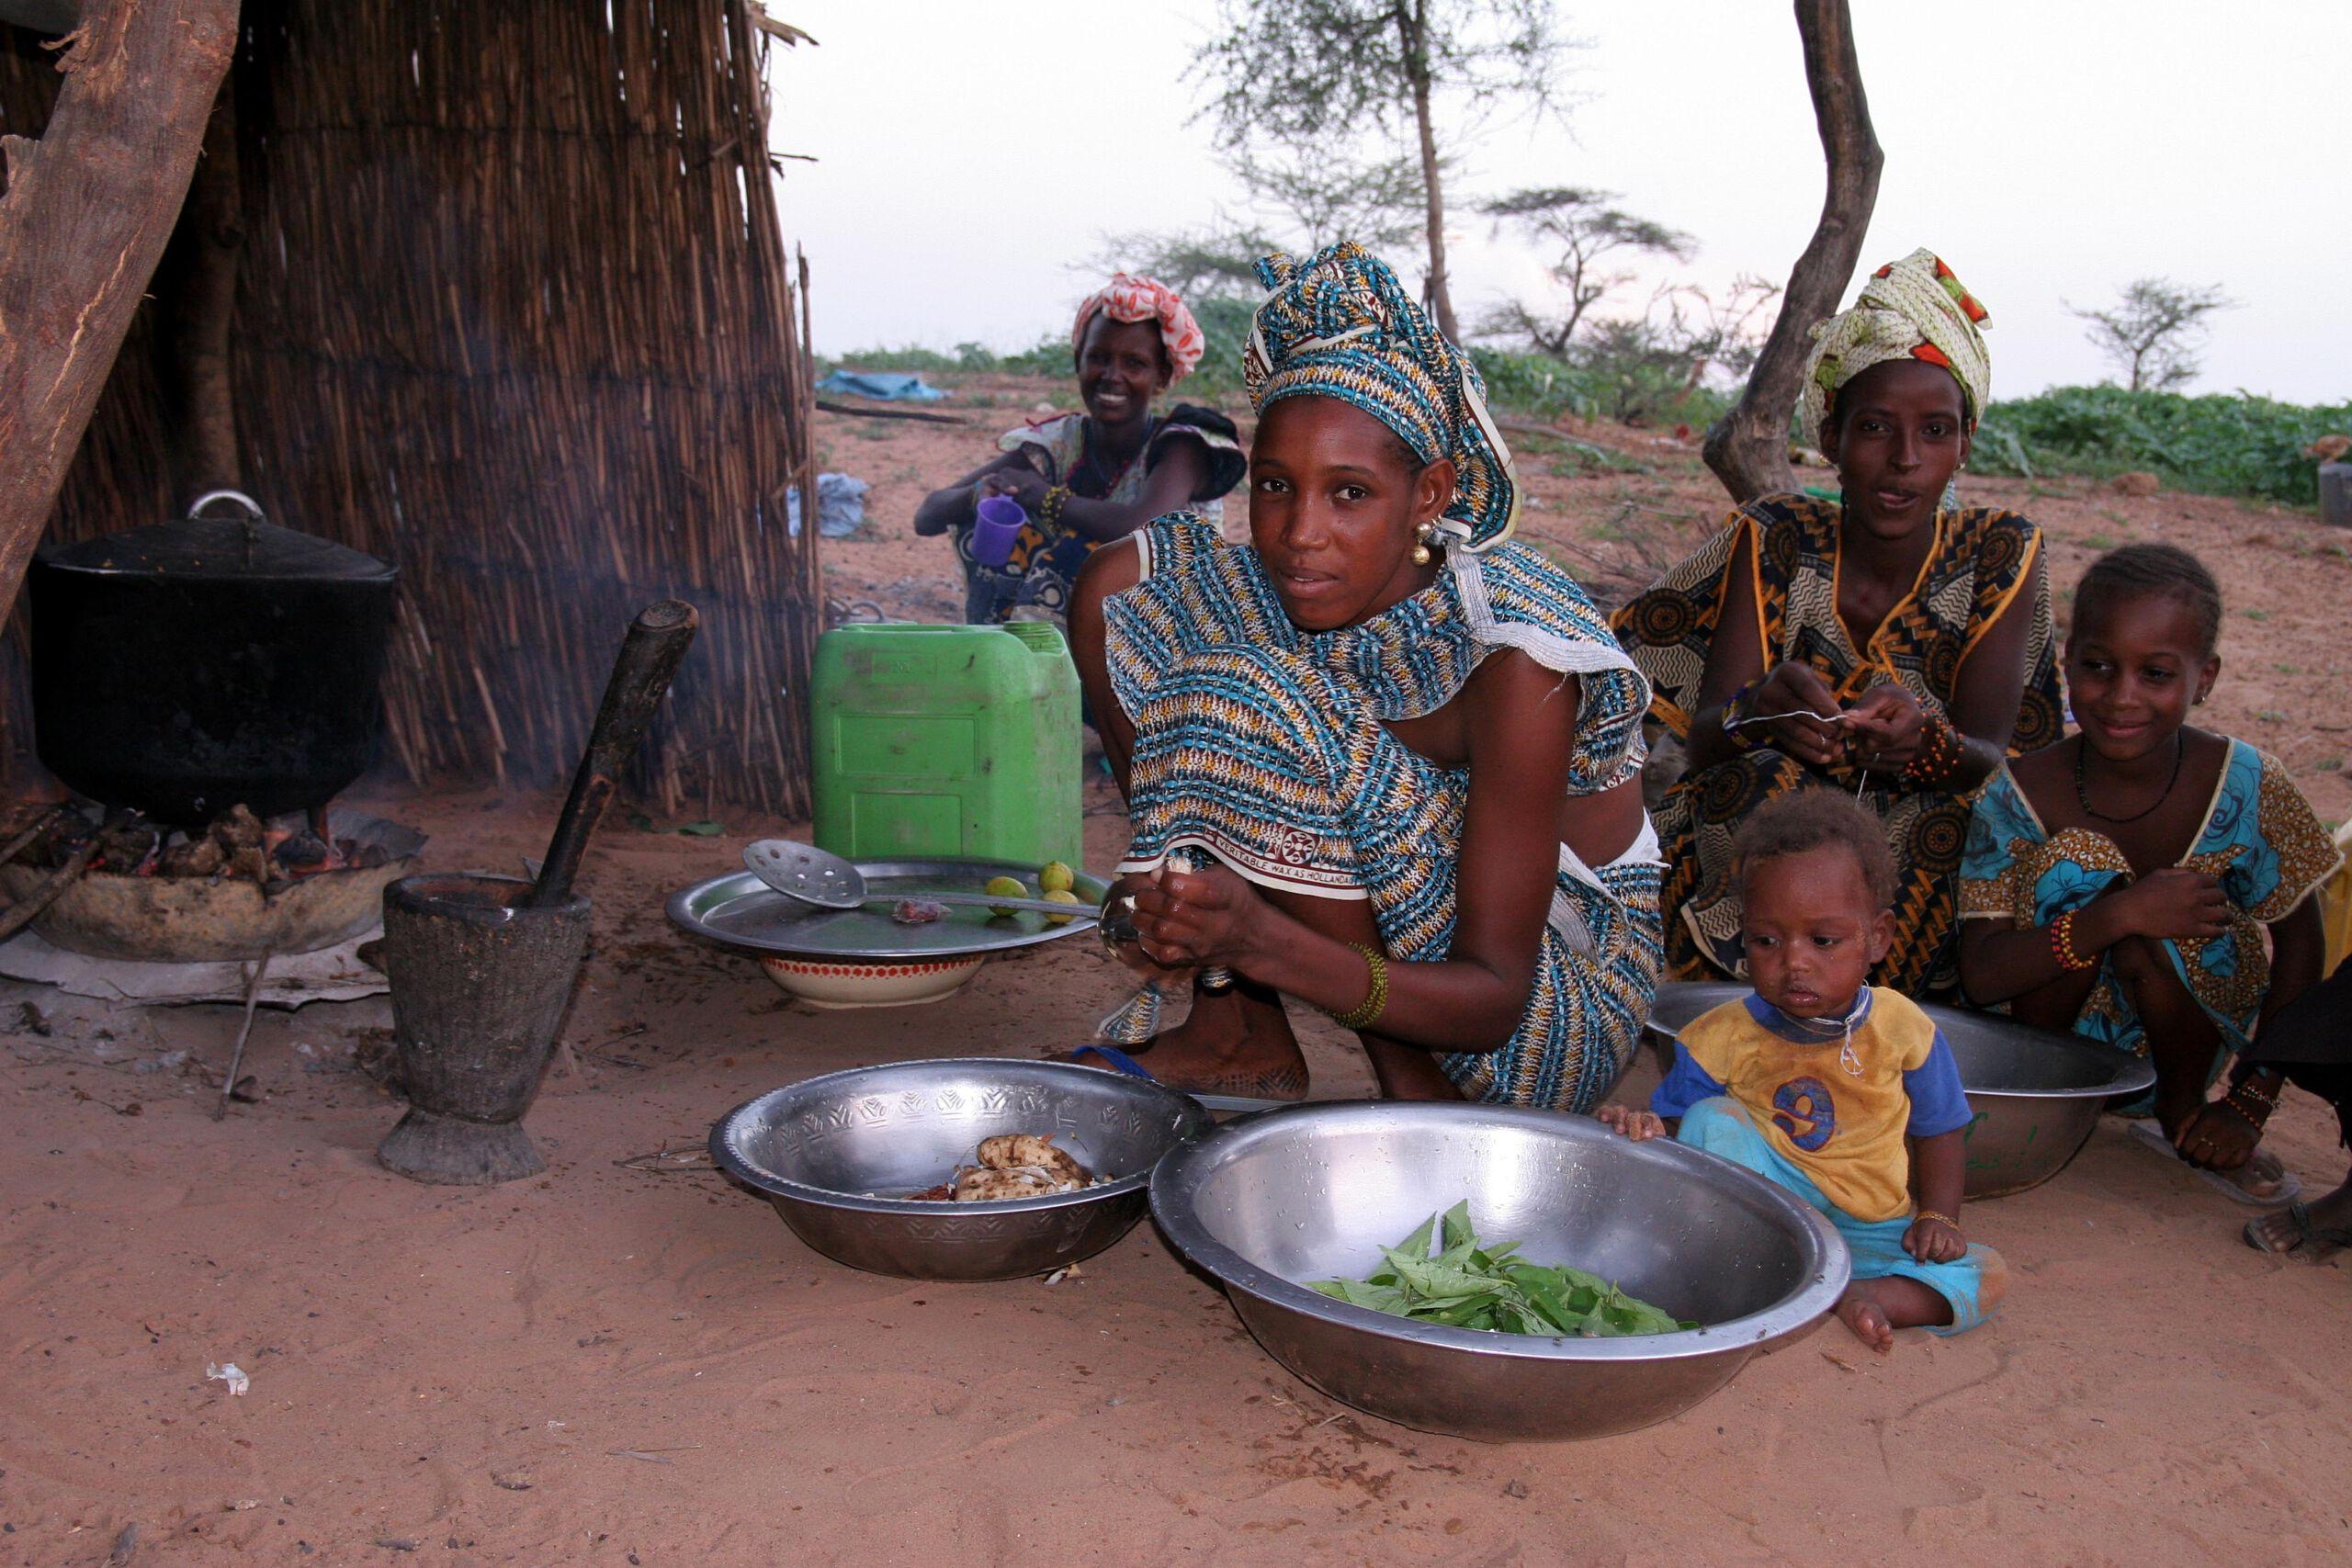 Frauen und Kinder kochen auf dem Boden